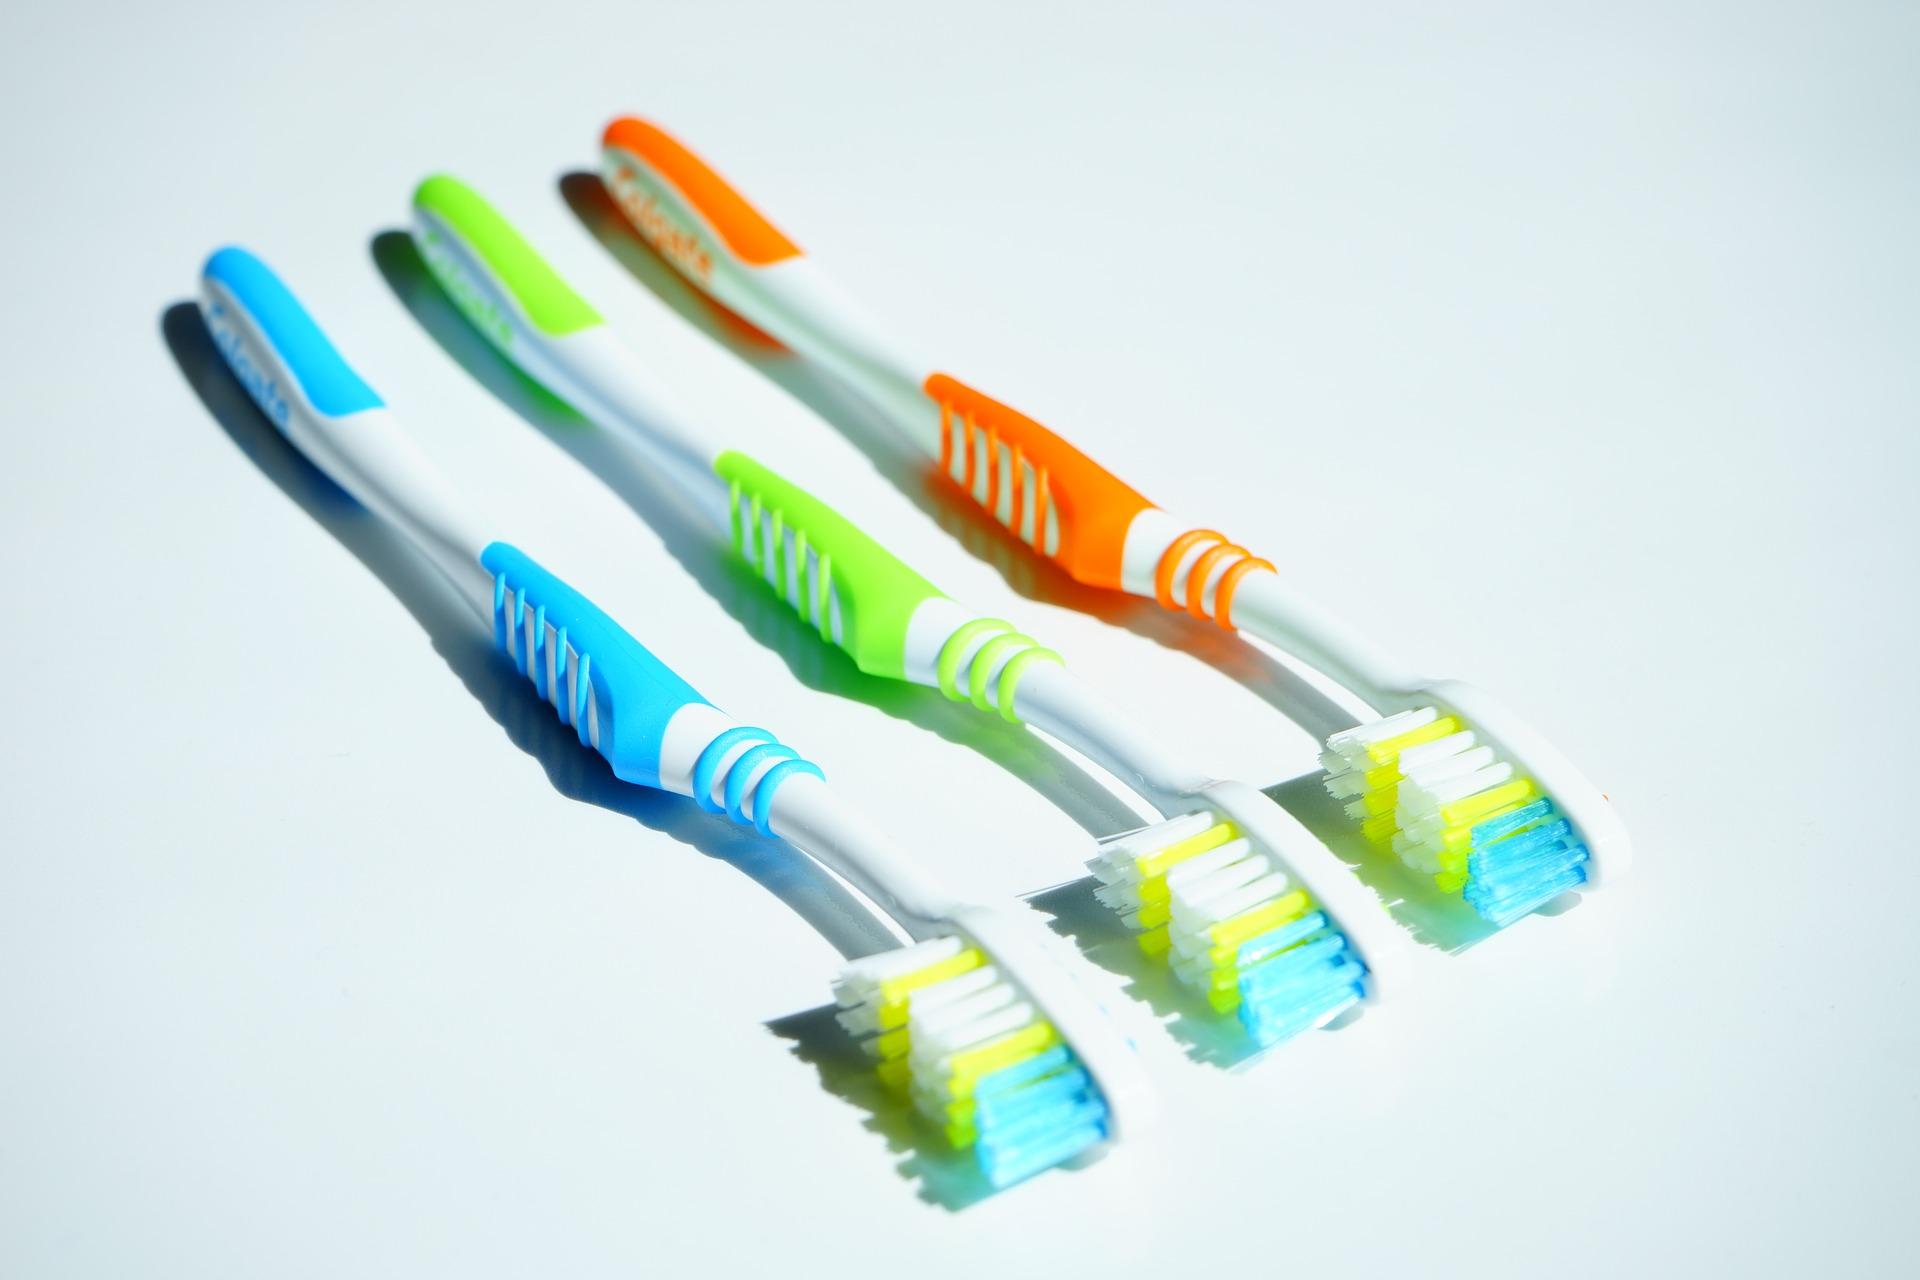 1c1fe2c9c 10 May ¿Cómo elegir el cepillo de dientes adecuado?